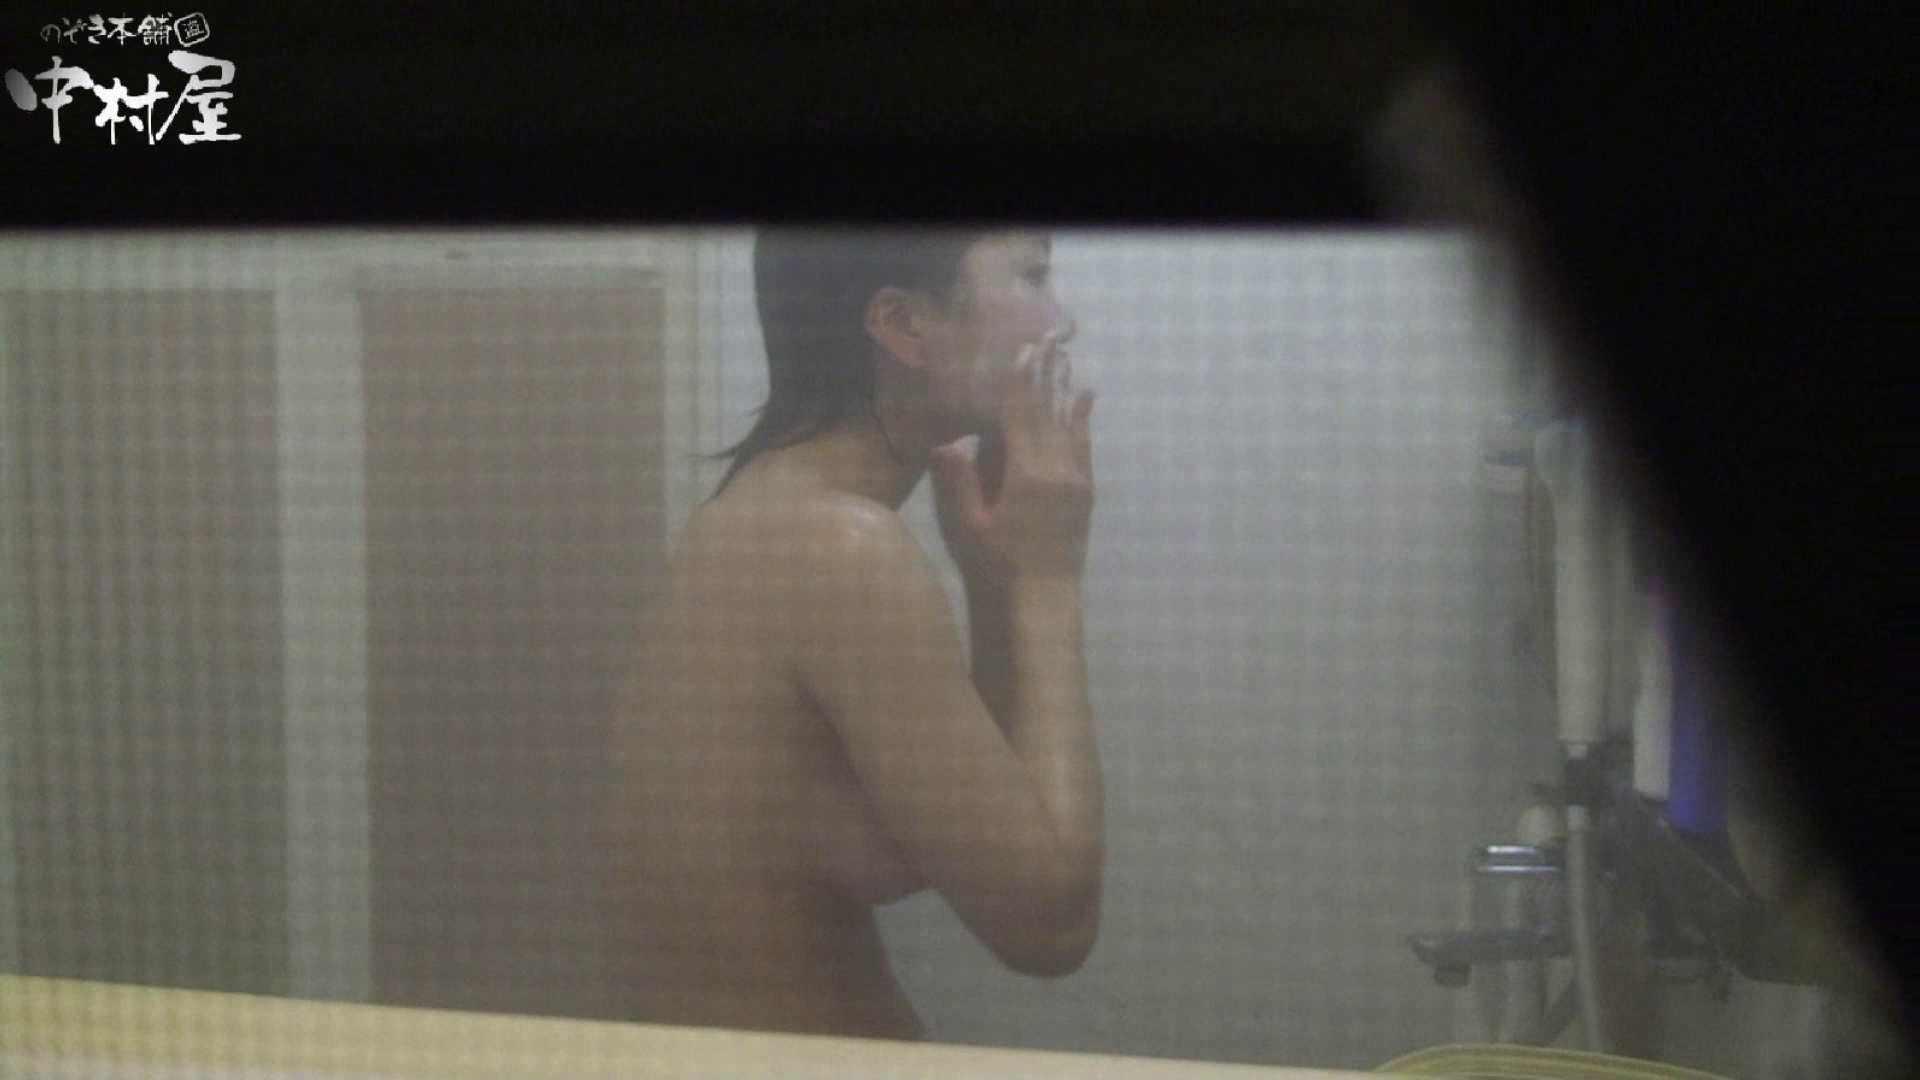 民家風呂専門盗撮師の超危険映像 vol.027 民家 | 美少女ヌード  49pic 40